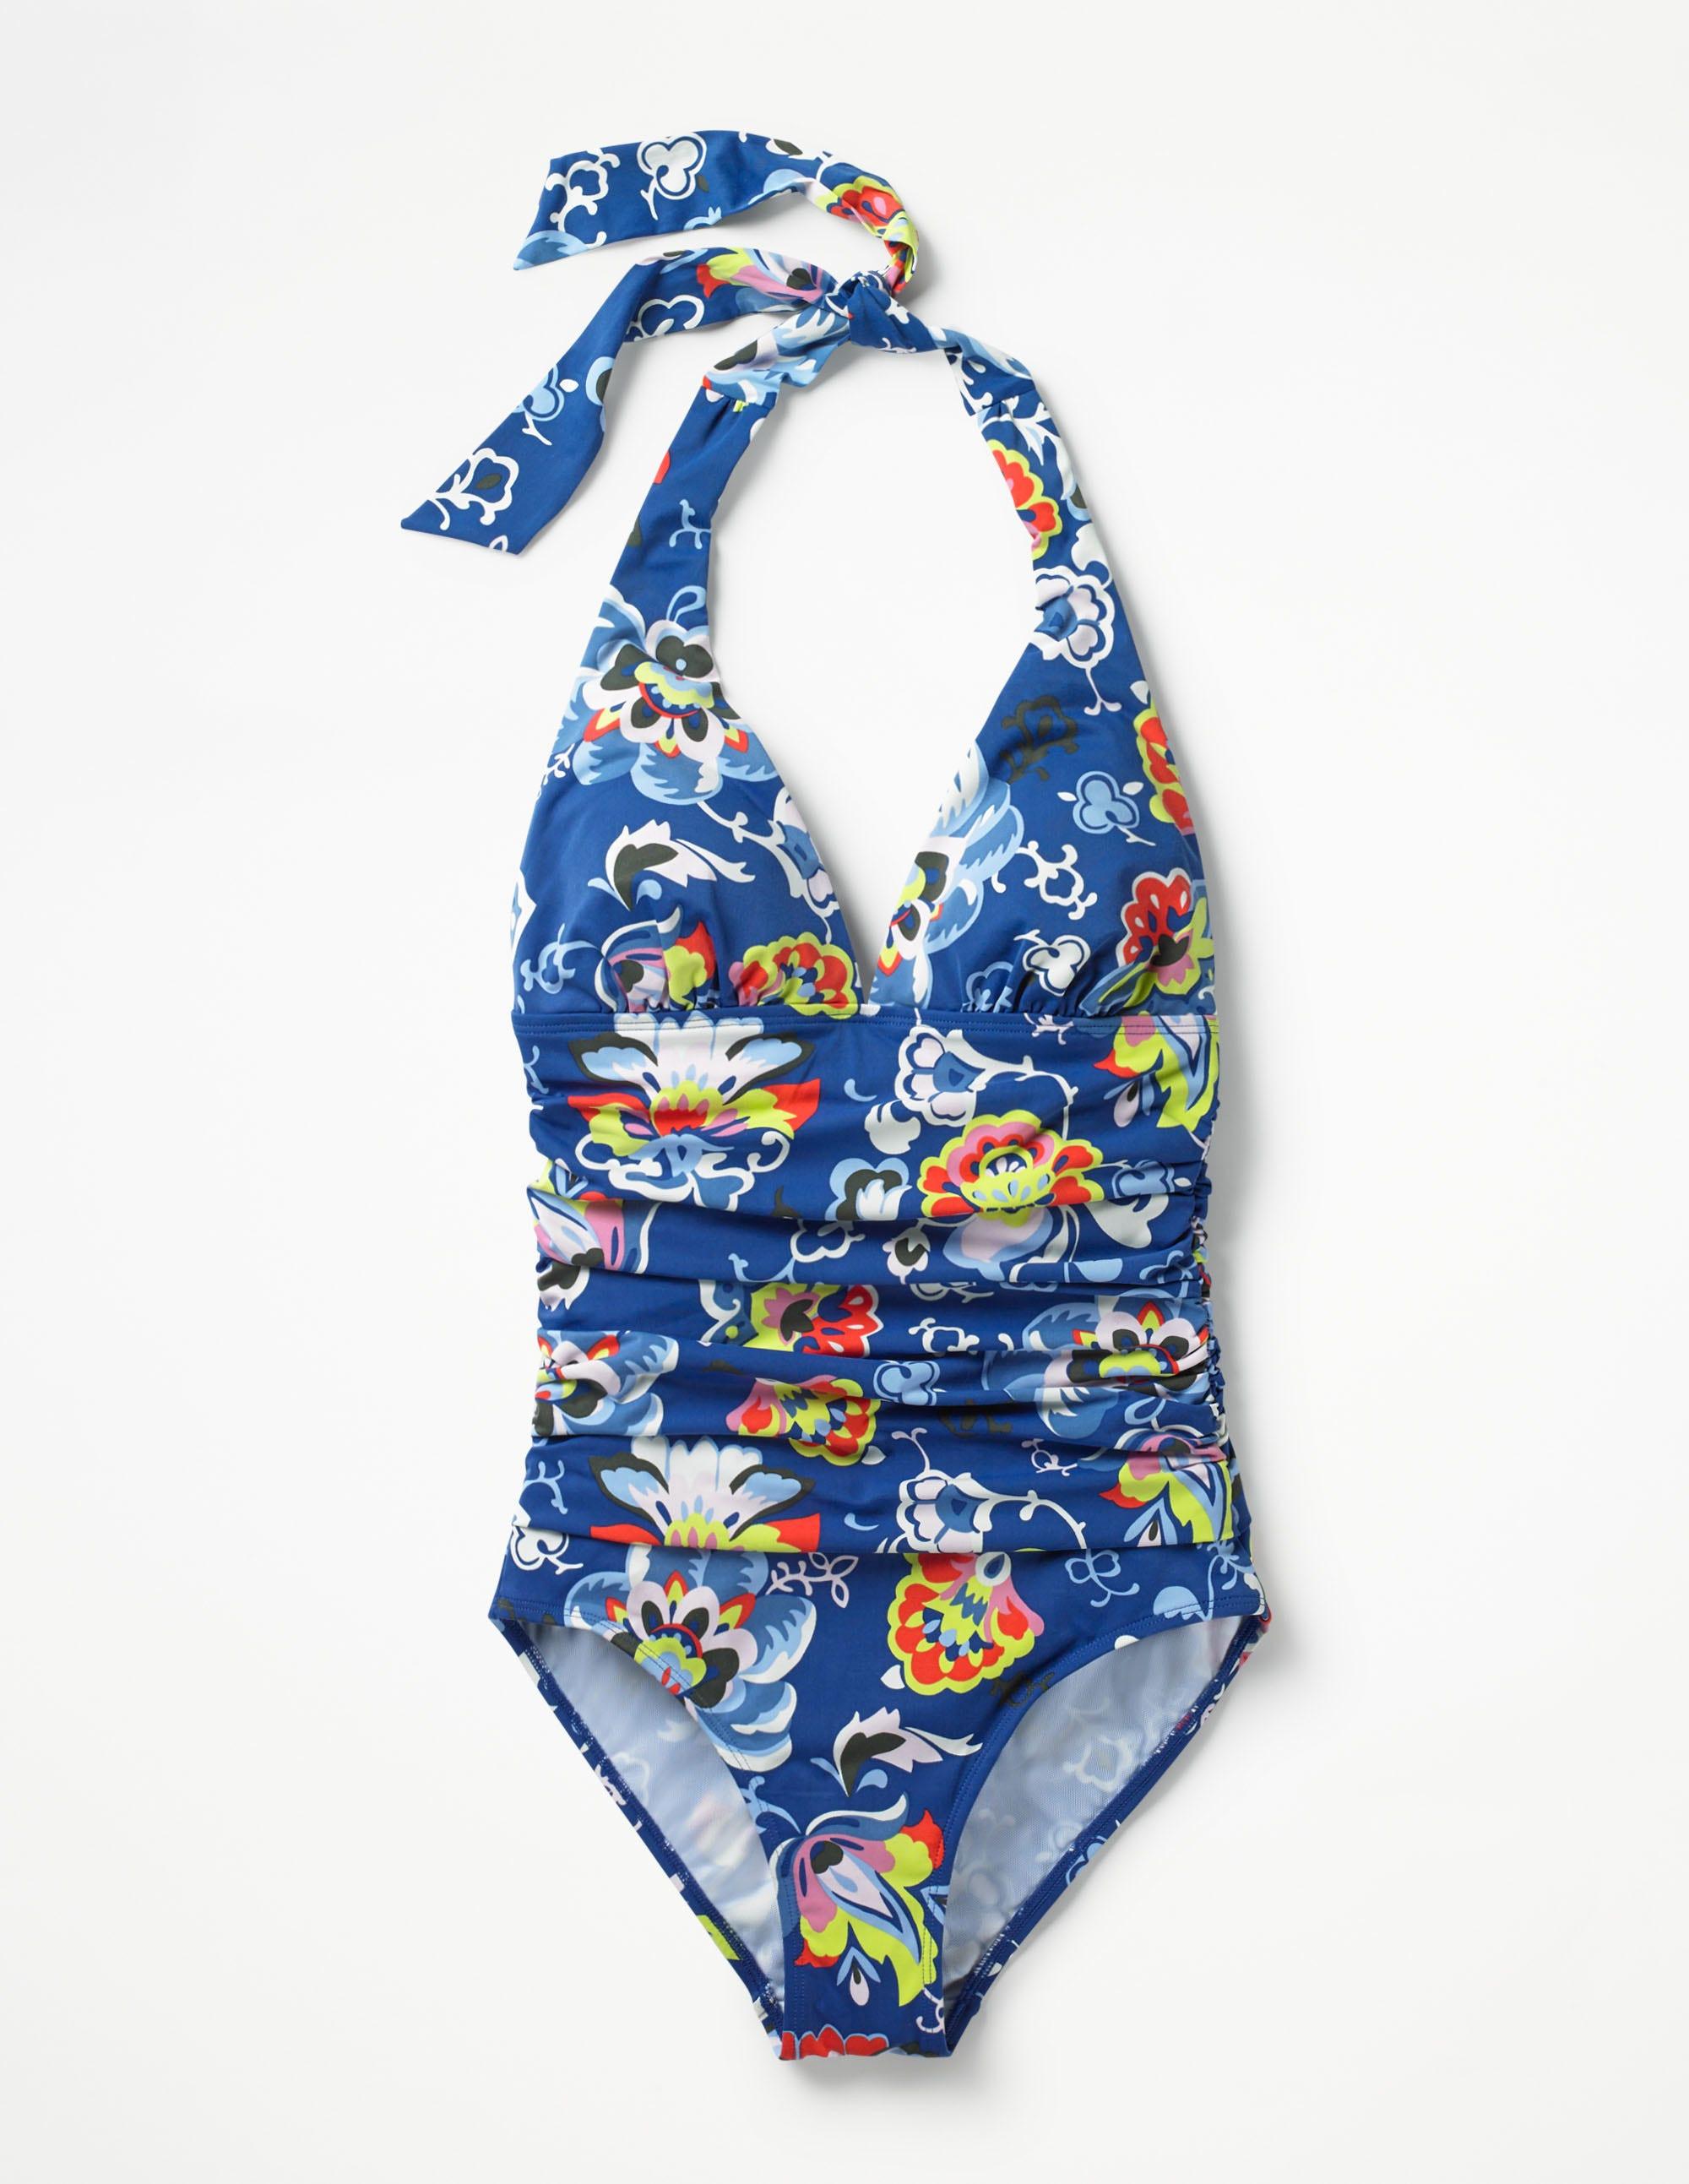 Maillot de bain Rhodes Blue Femme Boden